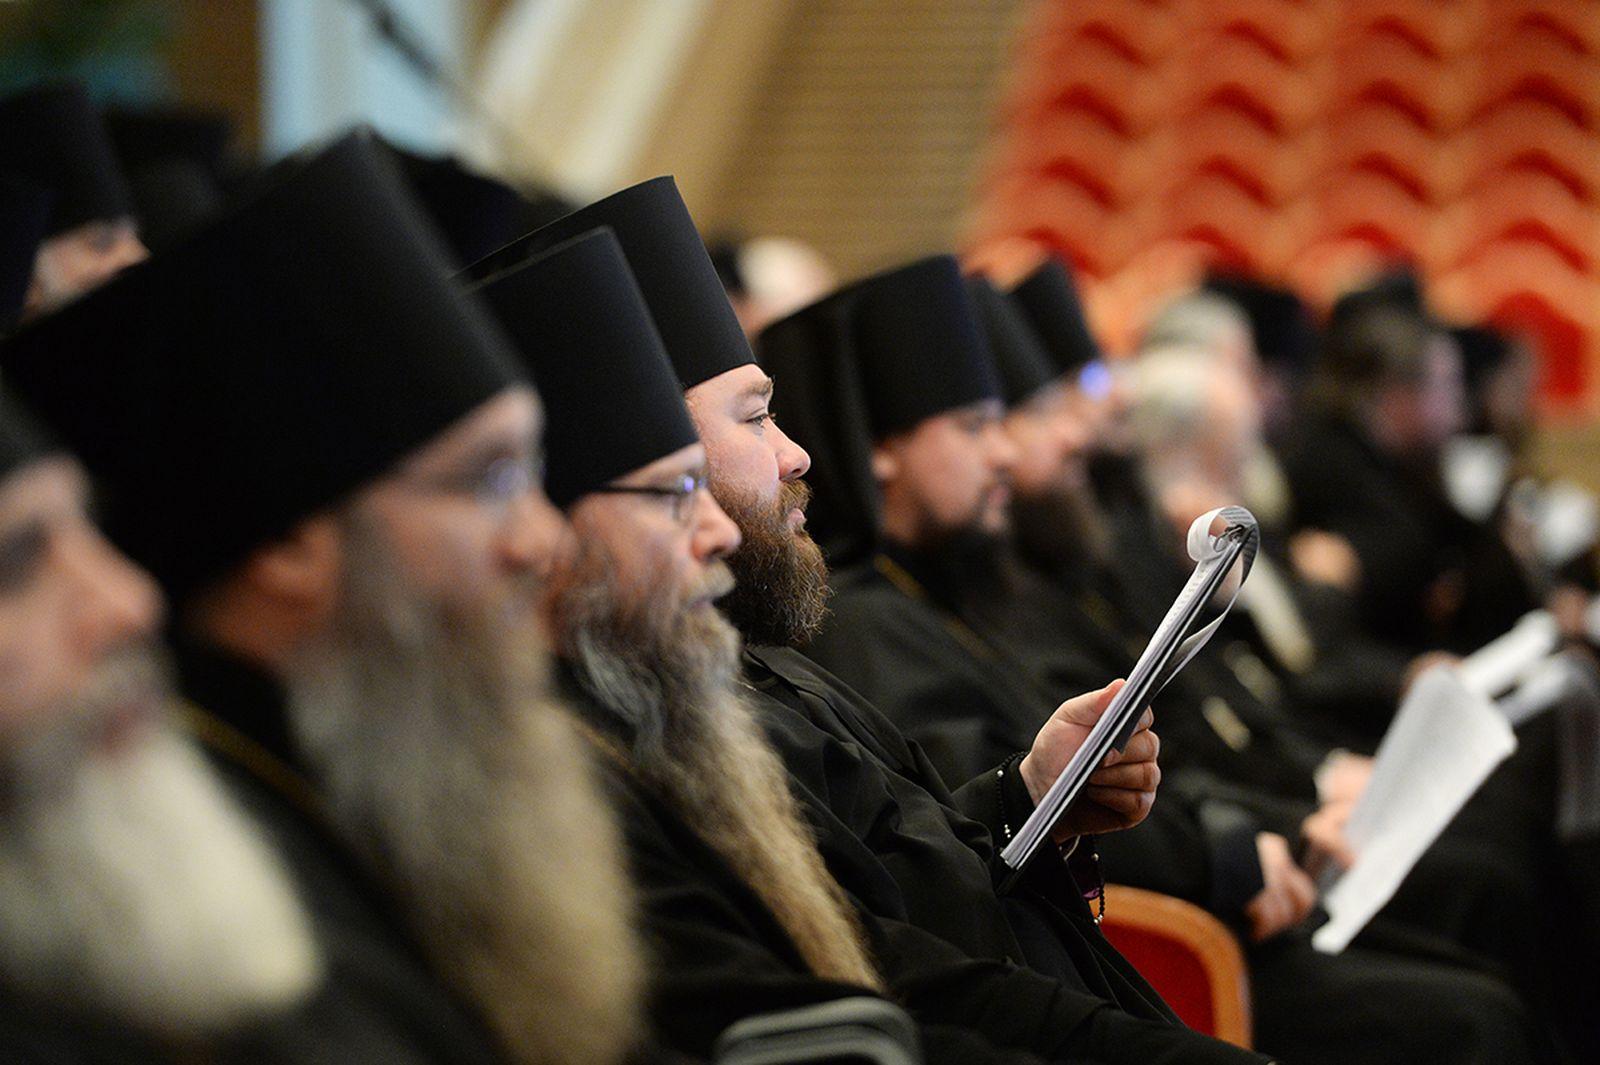 В РПЦ создали специальную комиссию по правонарушениям священников